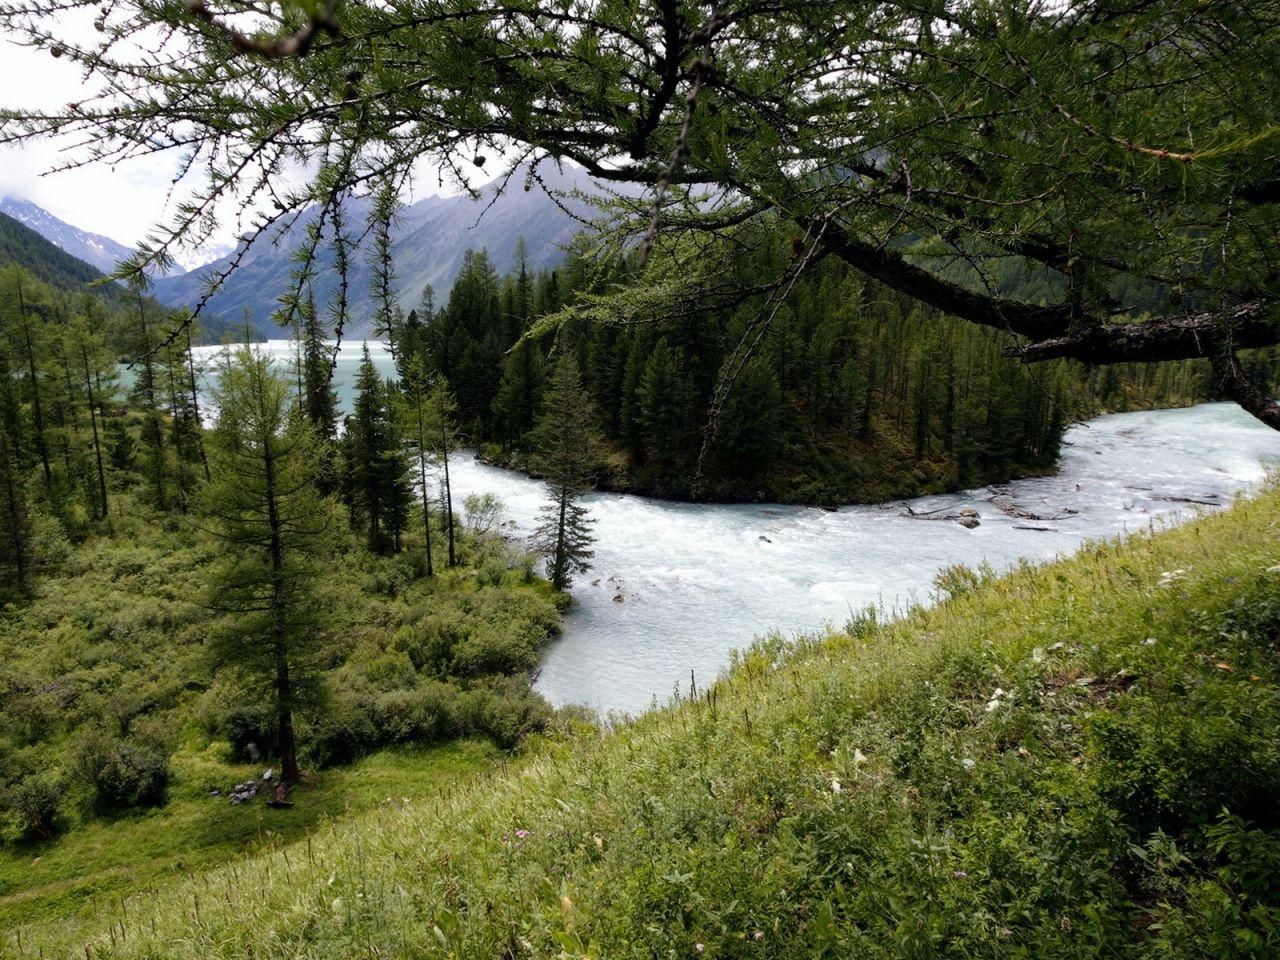 Stromy obrazy, horská rieka tapety, malomyseľnosť vektor, drevo pozadí